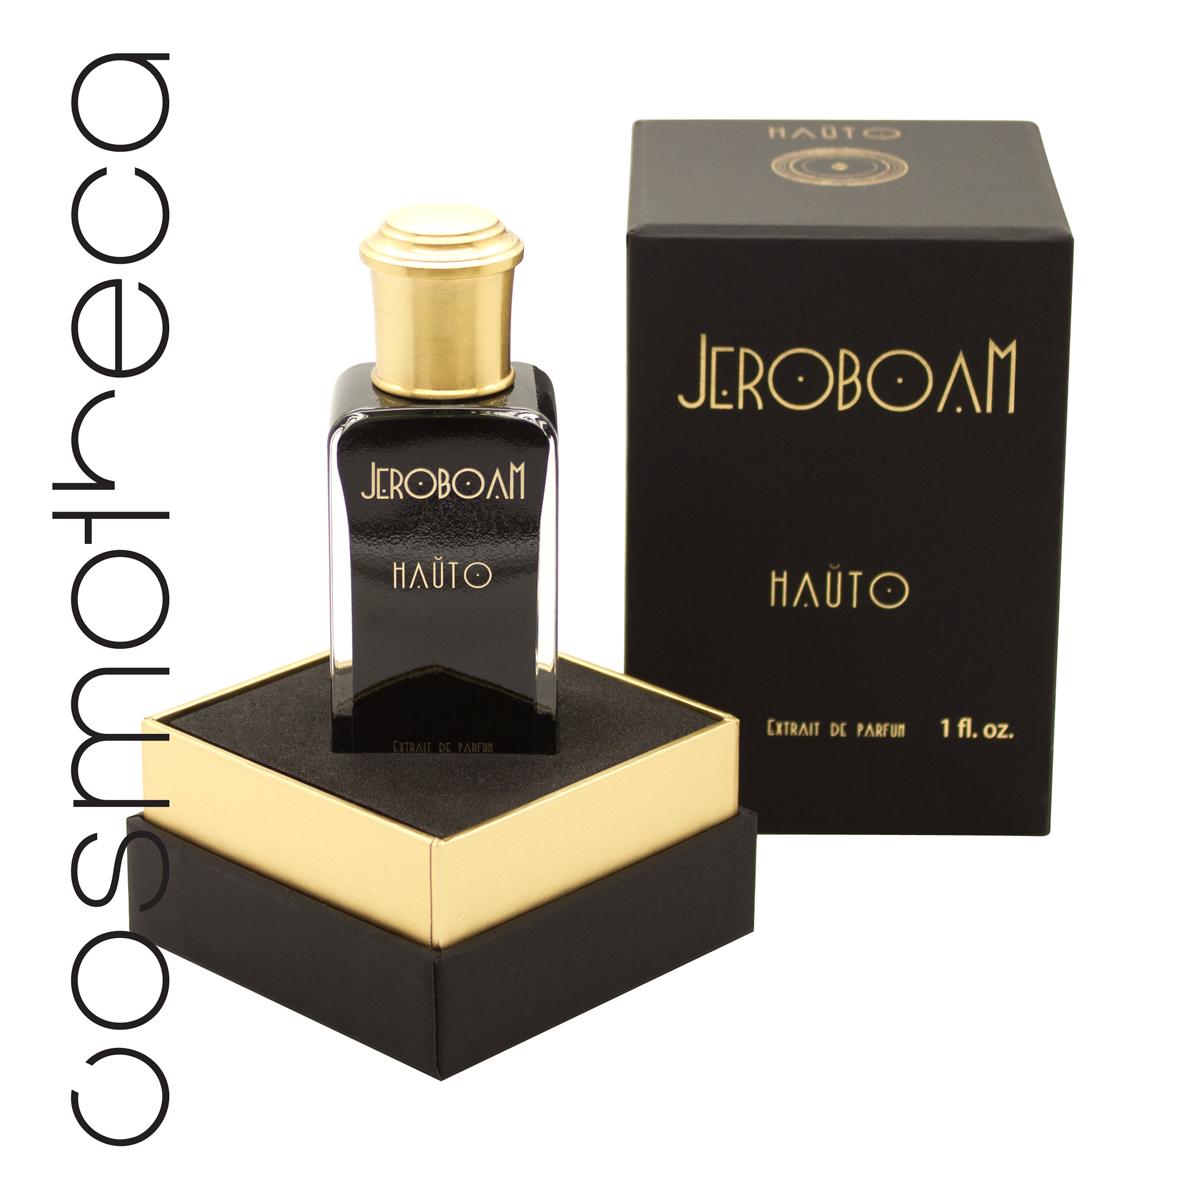 """Jeroboam Парфюмерная эссенция HAUTO, 30 мл002722Во времена «ревущих двадцатых» французские танцовщицы канкана в легендарных парижских кабаре имели собственные парфюмерные ритуалы. Они наносили духи поочередно на все места, где хотели ощутить поцелуи кавалеров. Hauto (""""кожа») – это приглашение ощутить настоящий, пьянящий аромат кожи. ВЕРХ: бергамот, ананас СЕРДЦЕ: тубероза, роза, специи БАЗА: смесь мускусов"""